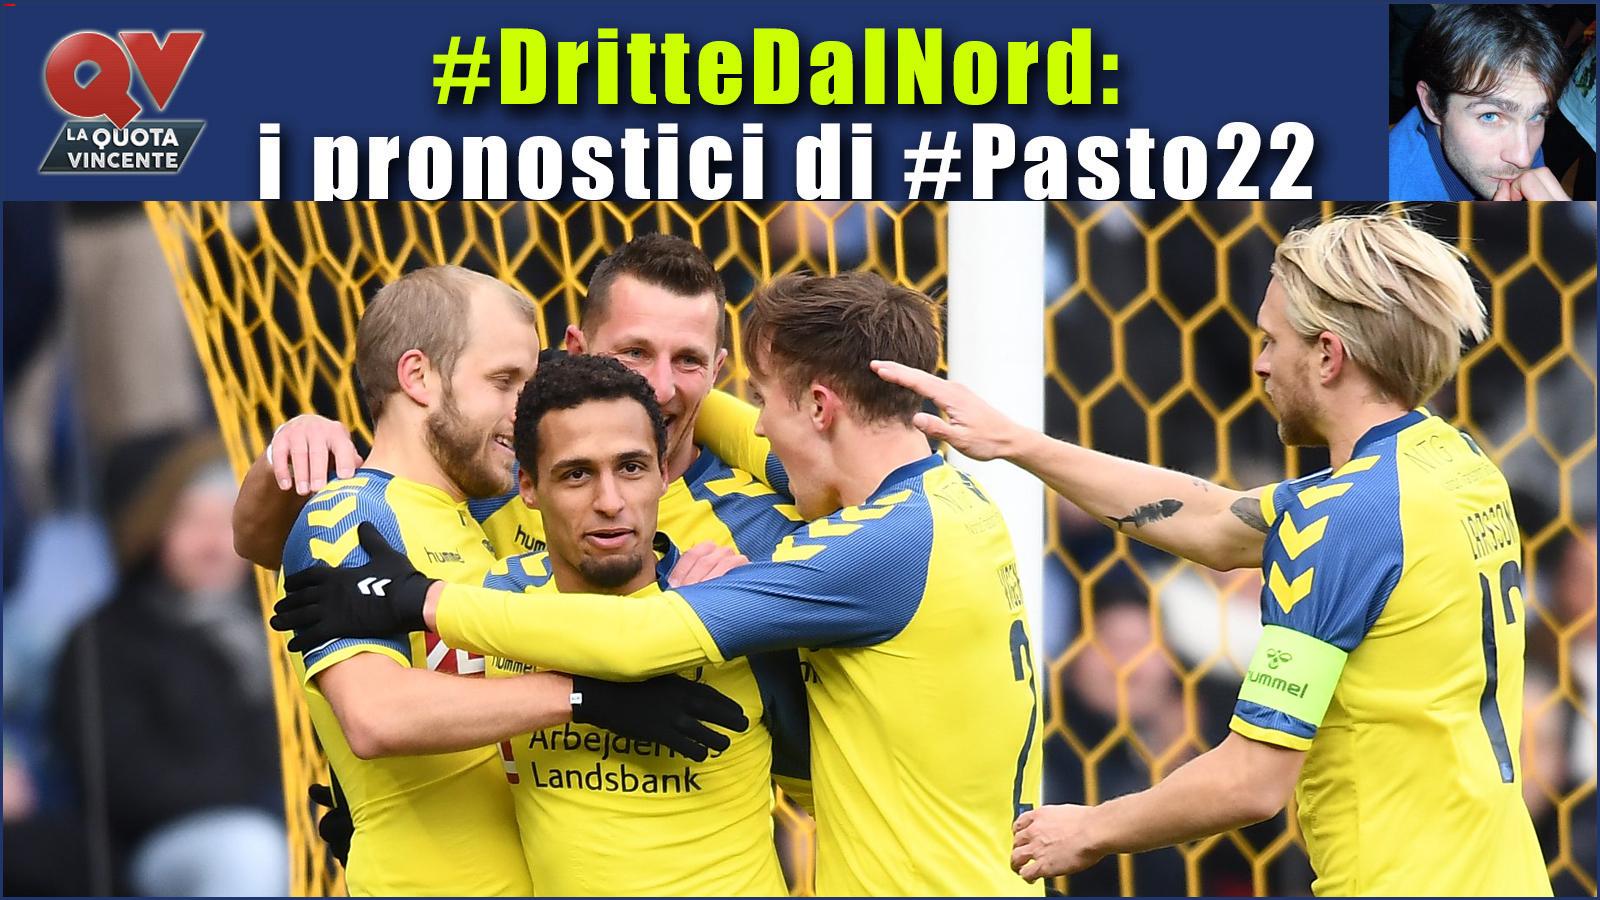 Pronostici Dritte dal Nord 27 febbraio/1 marzo: Superligaen, le dritte di #Pasto22 in Danimarca